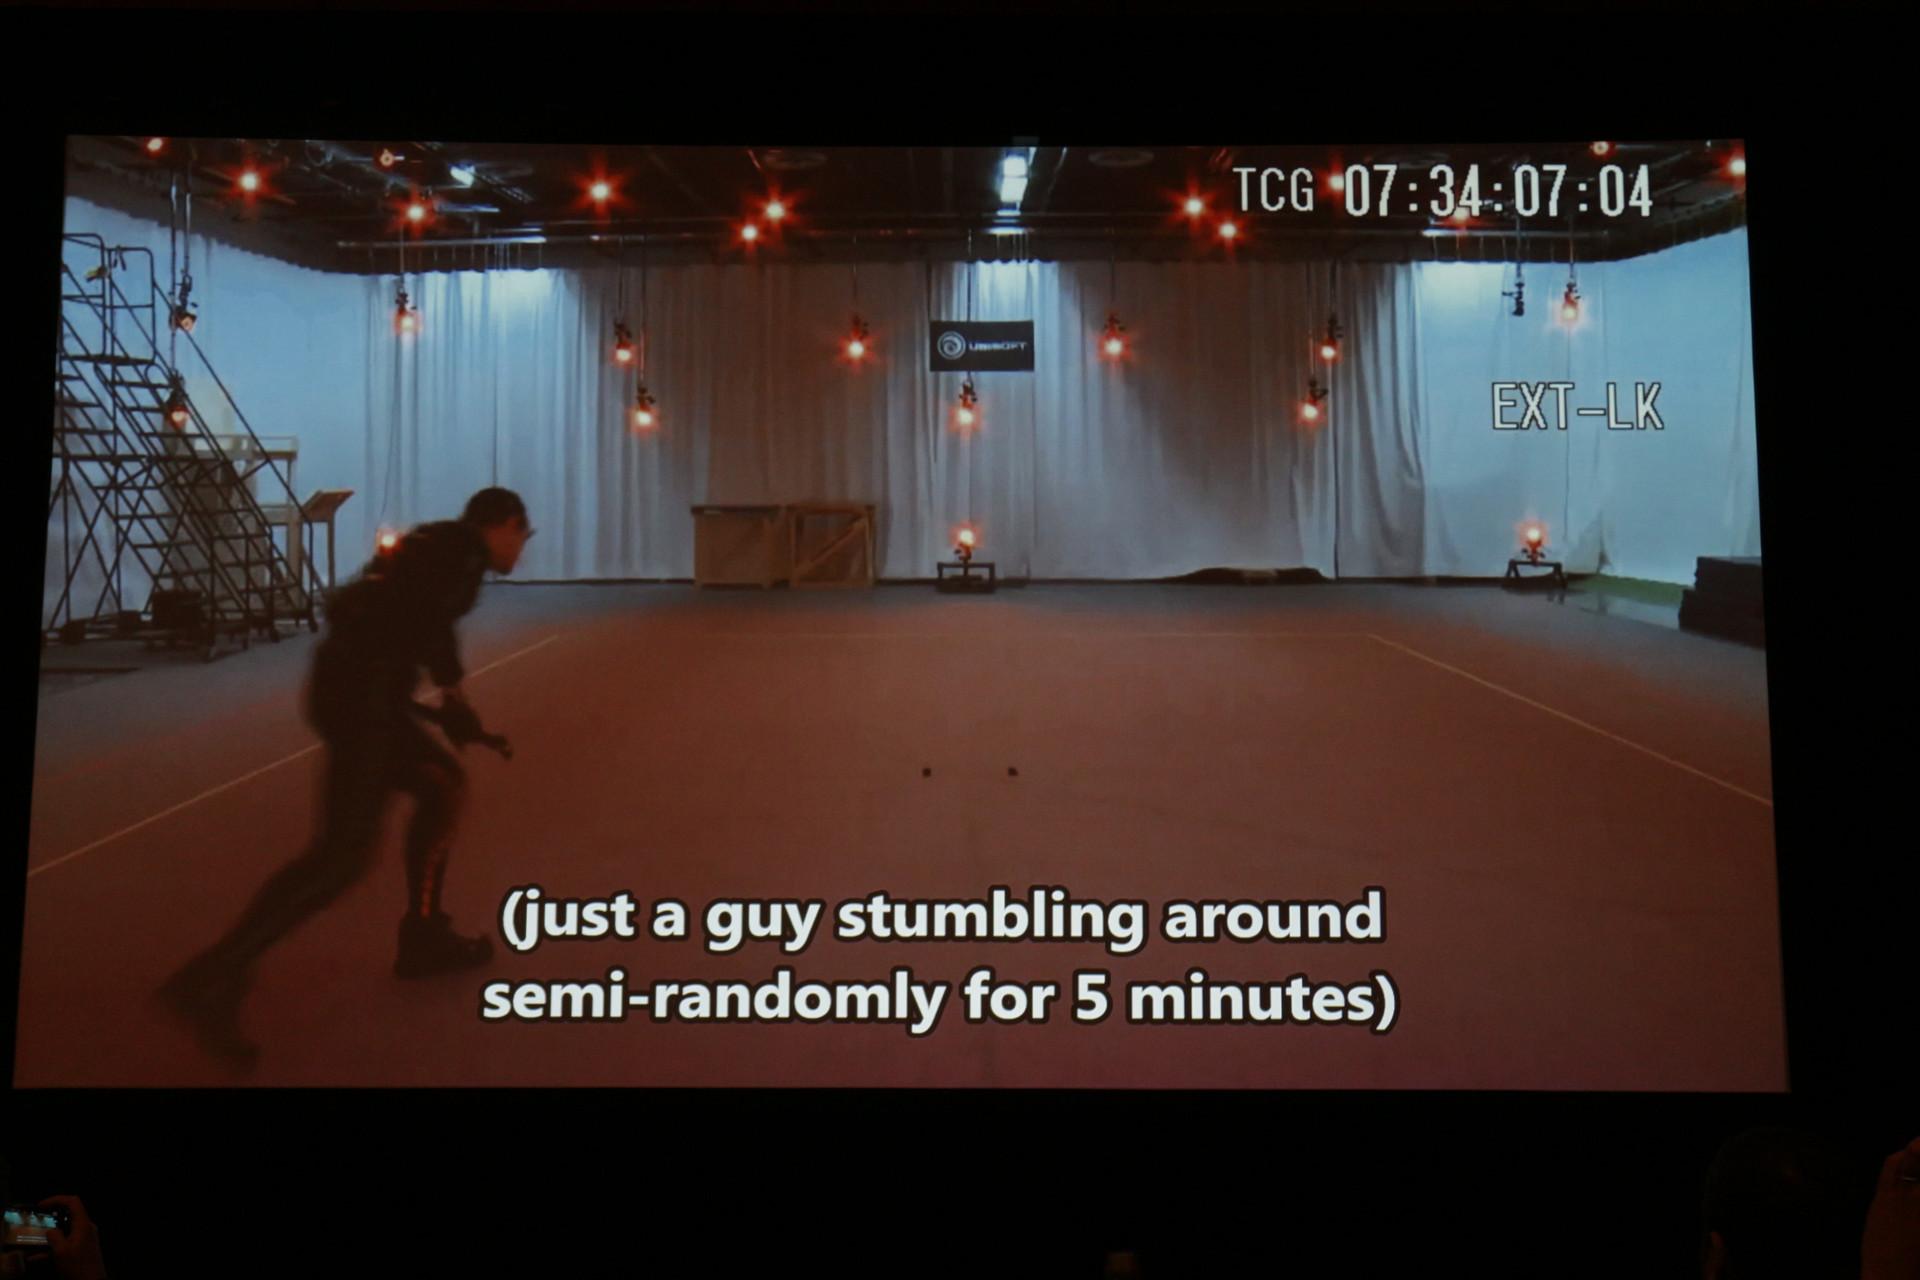 1種類の動きを撮るため、似たような動きを5分間も続ける